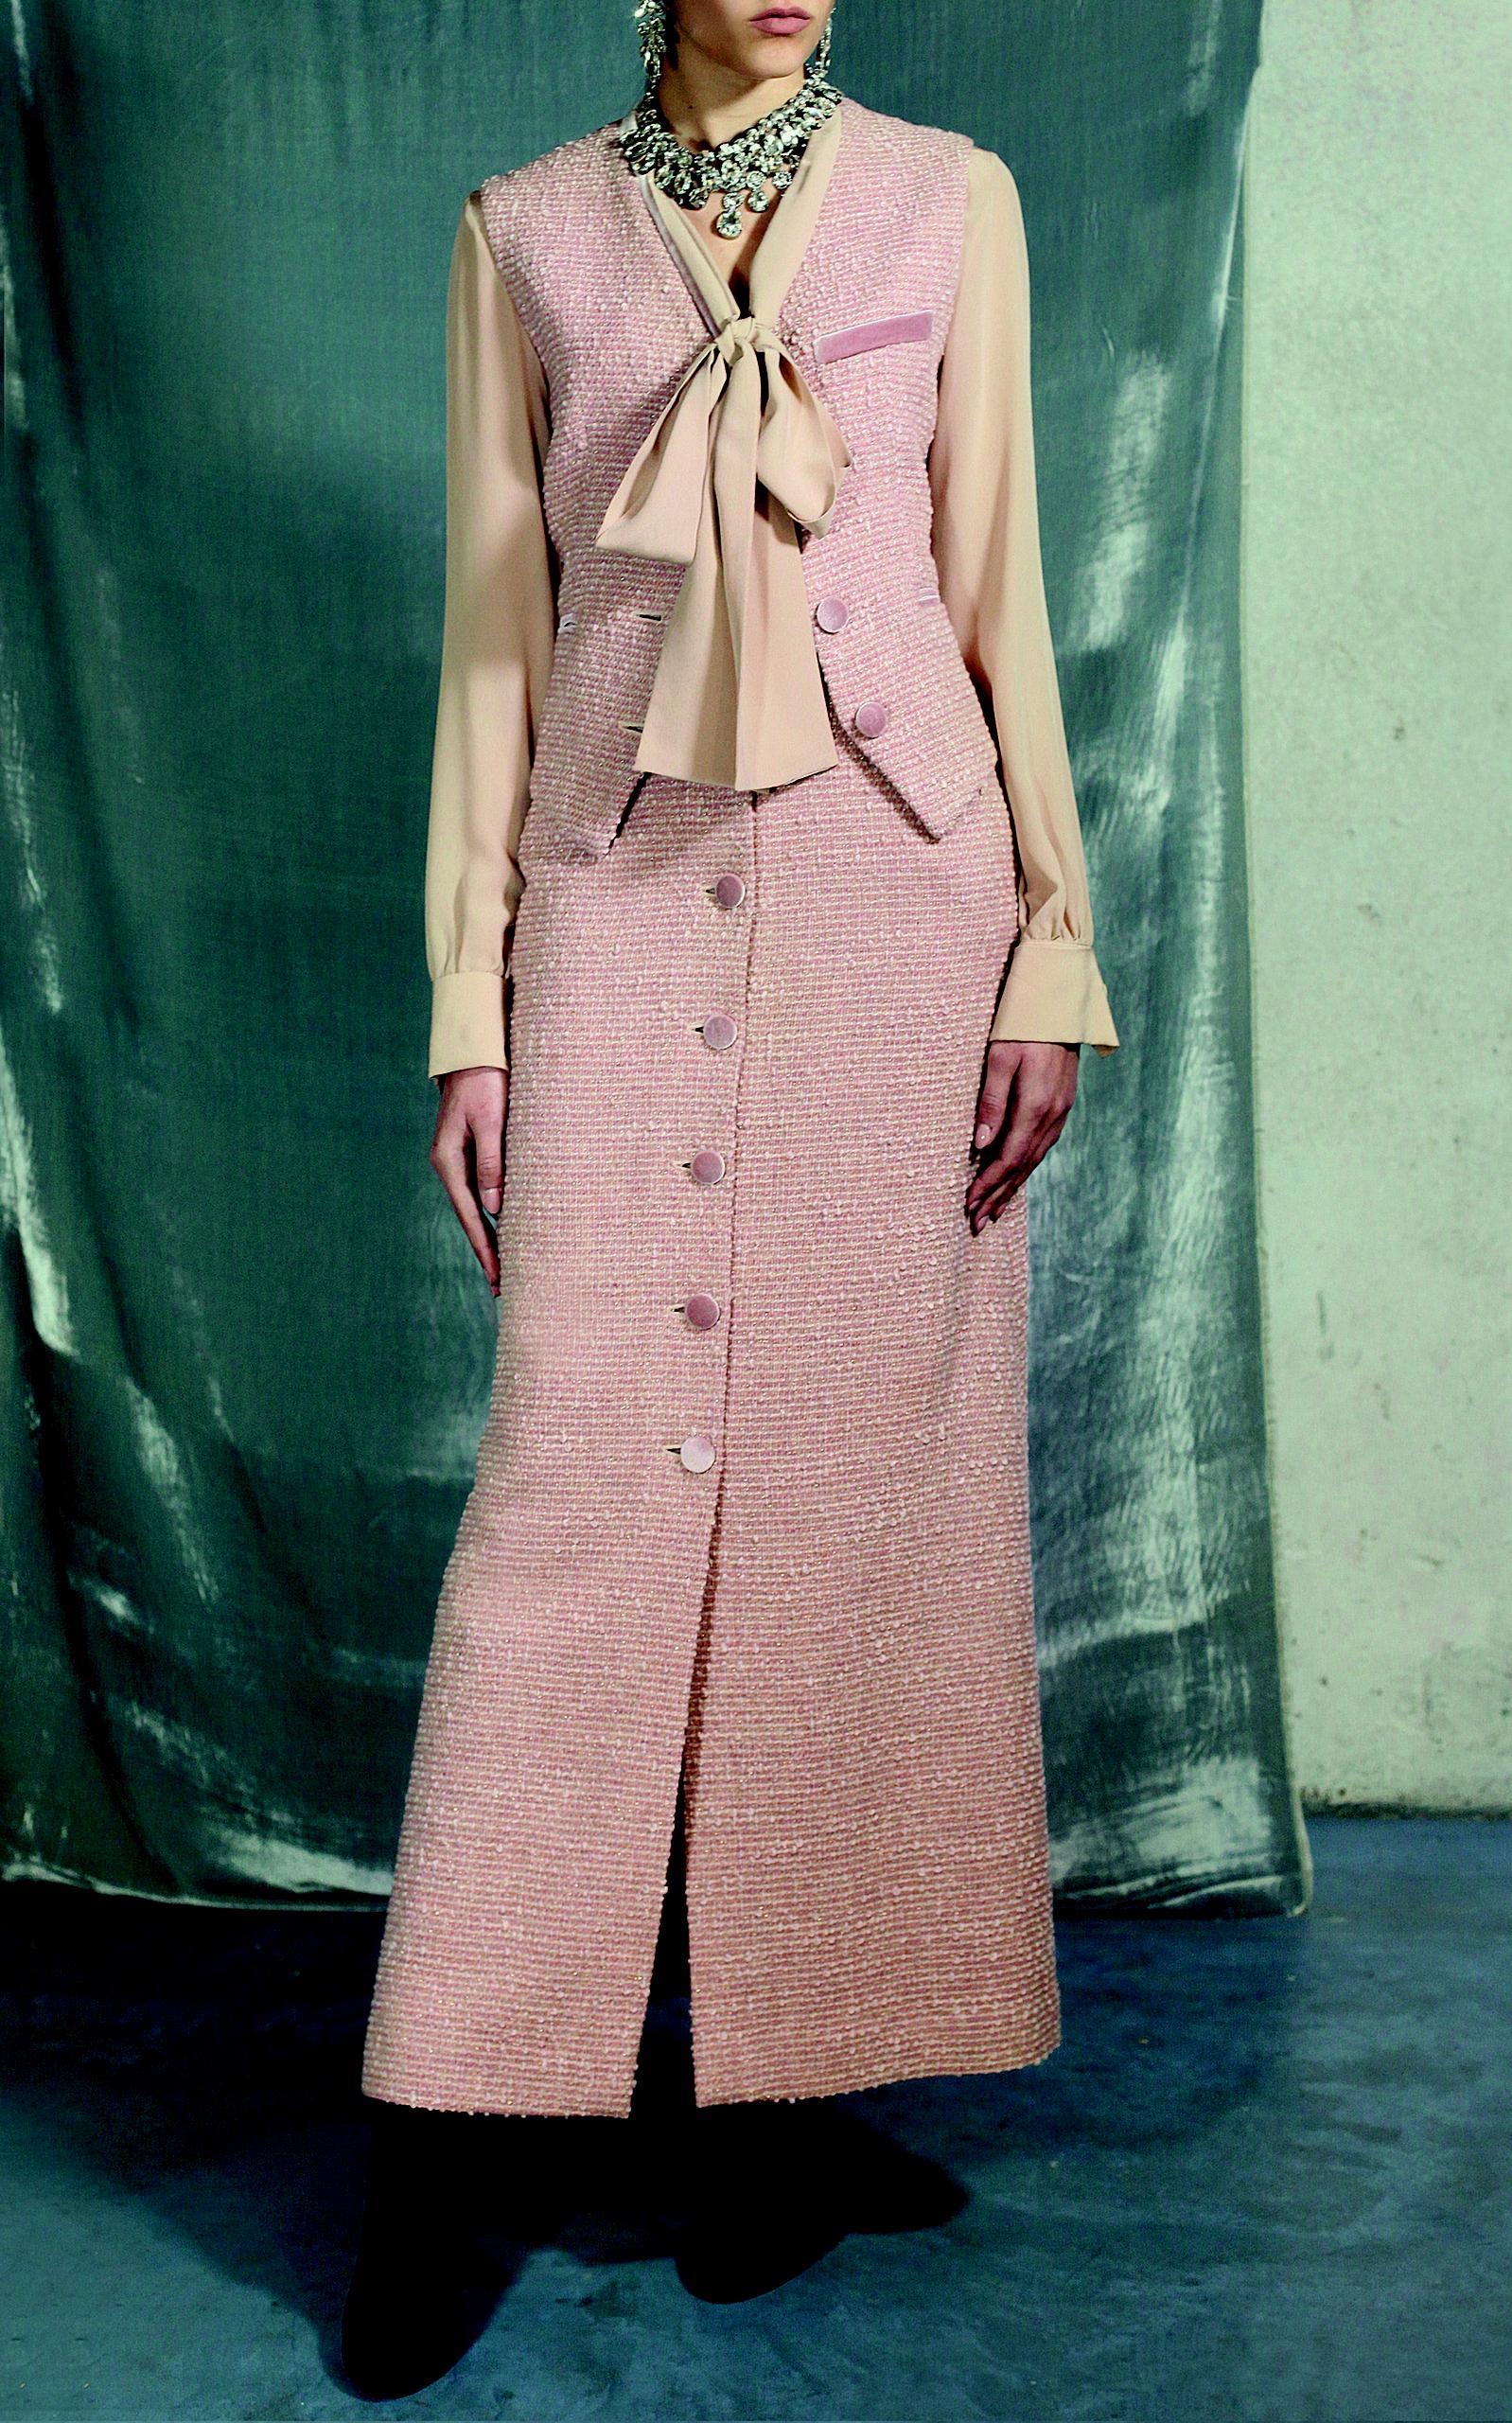 b74744e11590 ... Pink Virgin Wool Tweed High Waist Skirt - Lyst. View fullscreen